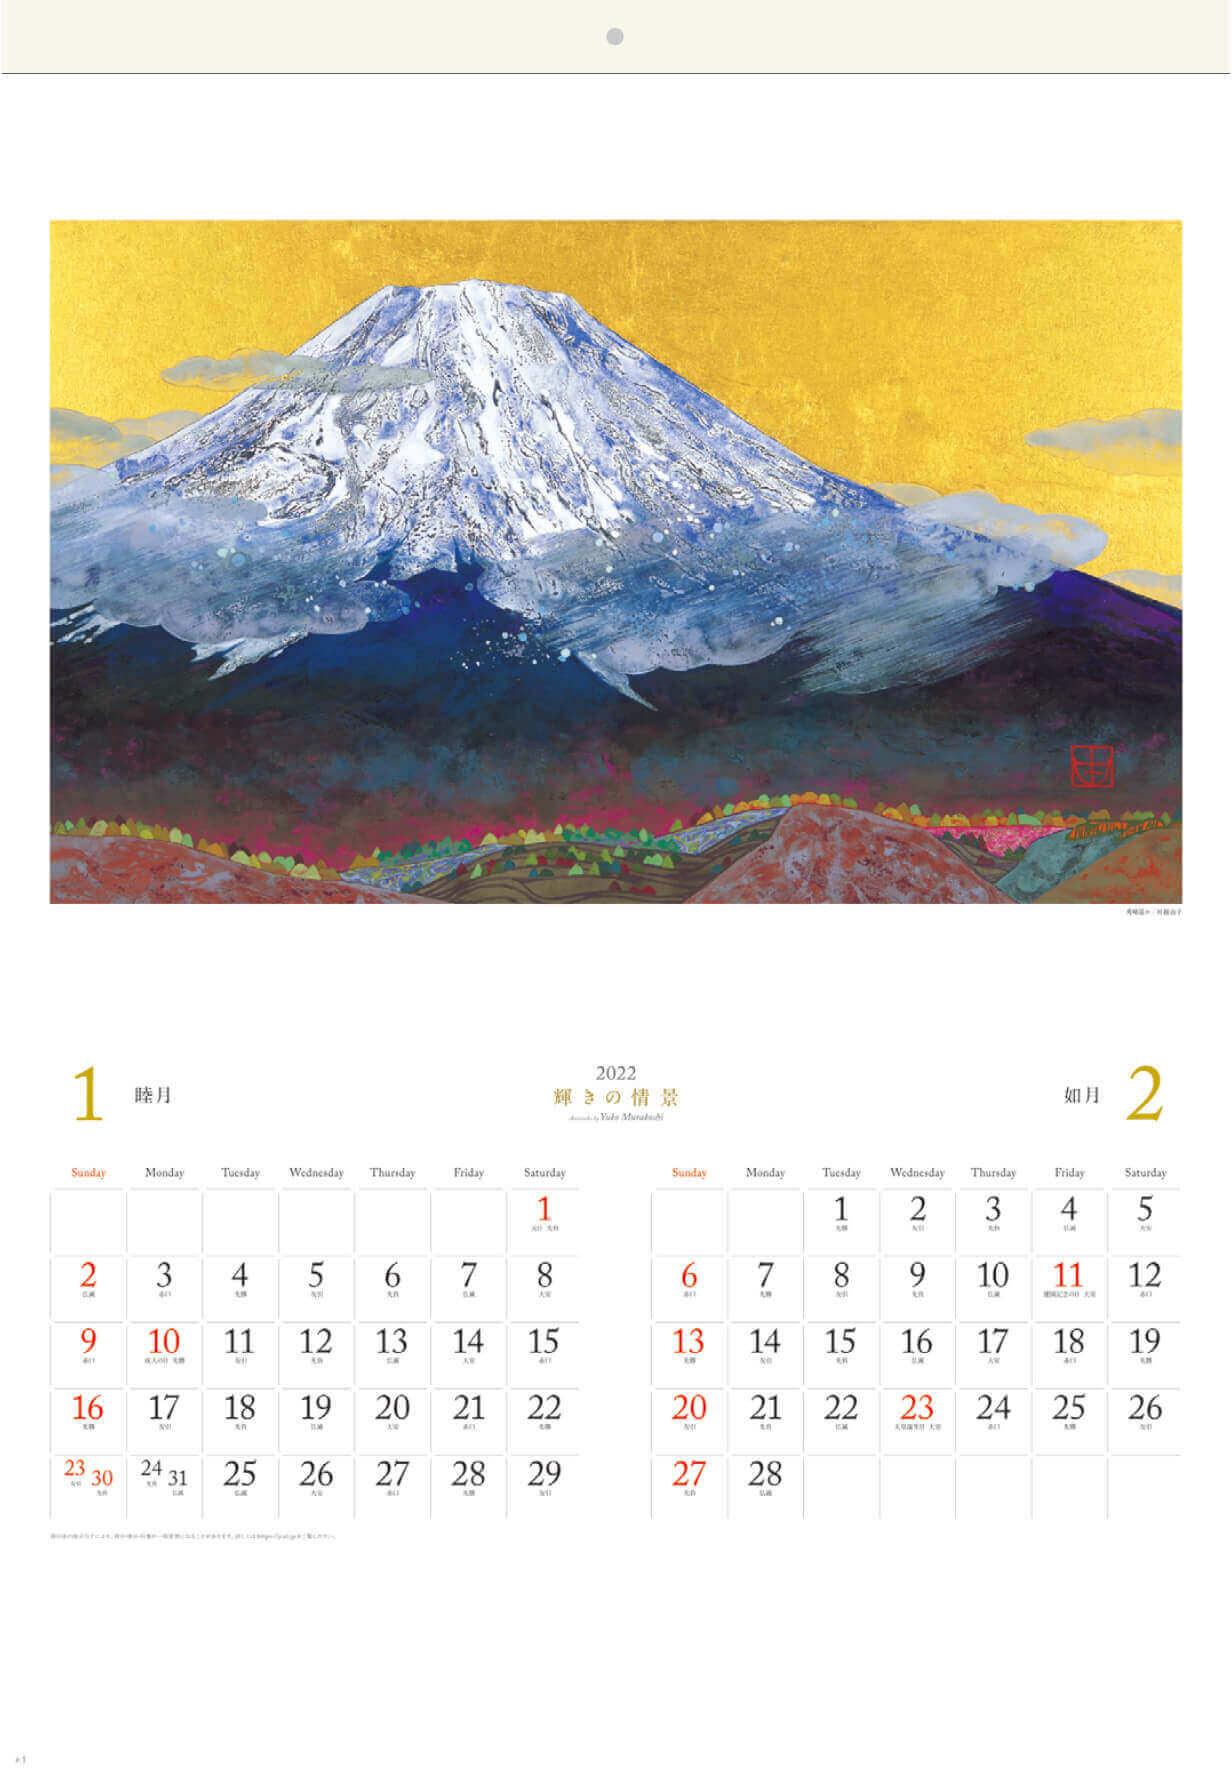 1-2月 秀峰遥か 輝きの情景・村越由子作品集 2022年カレンダーの画像